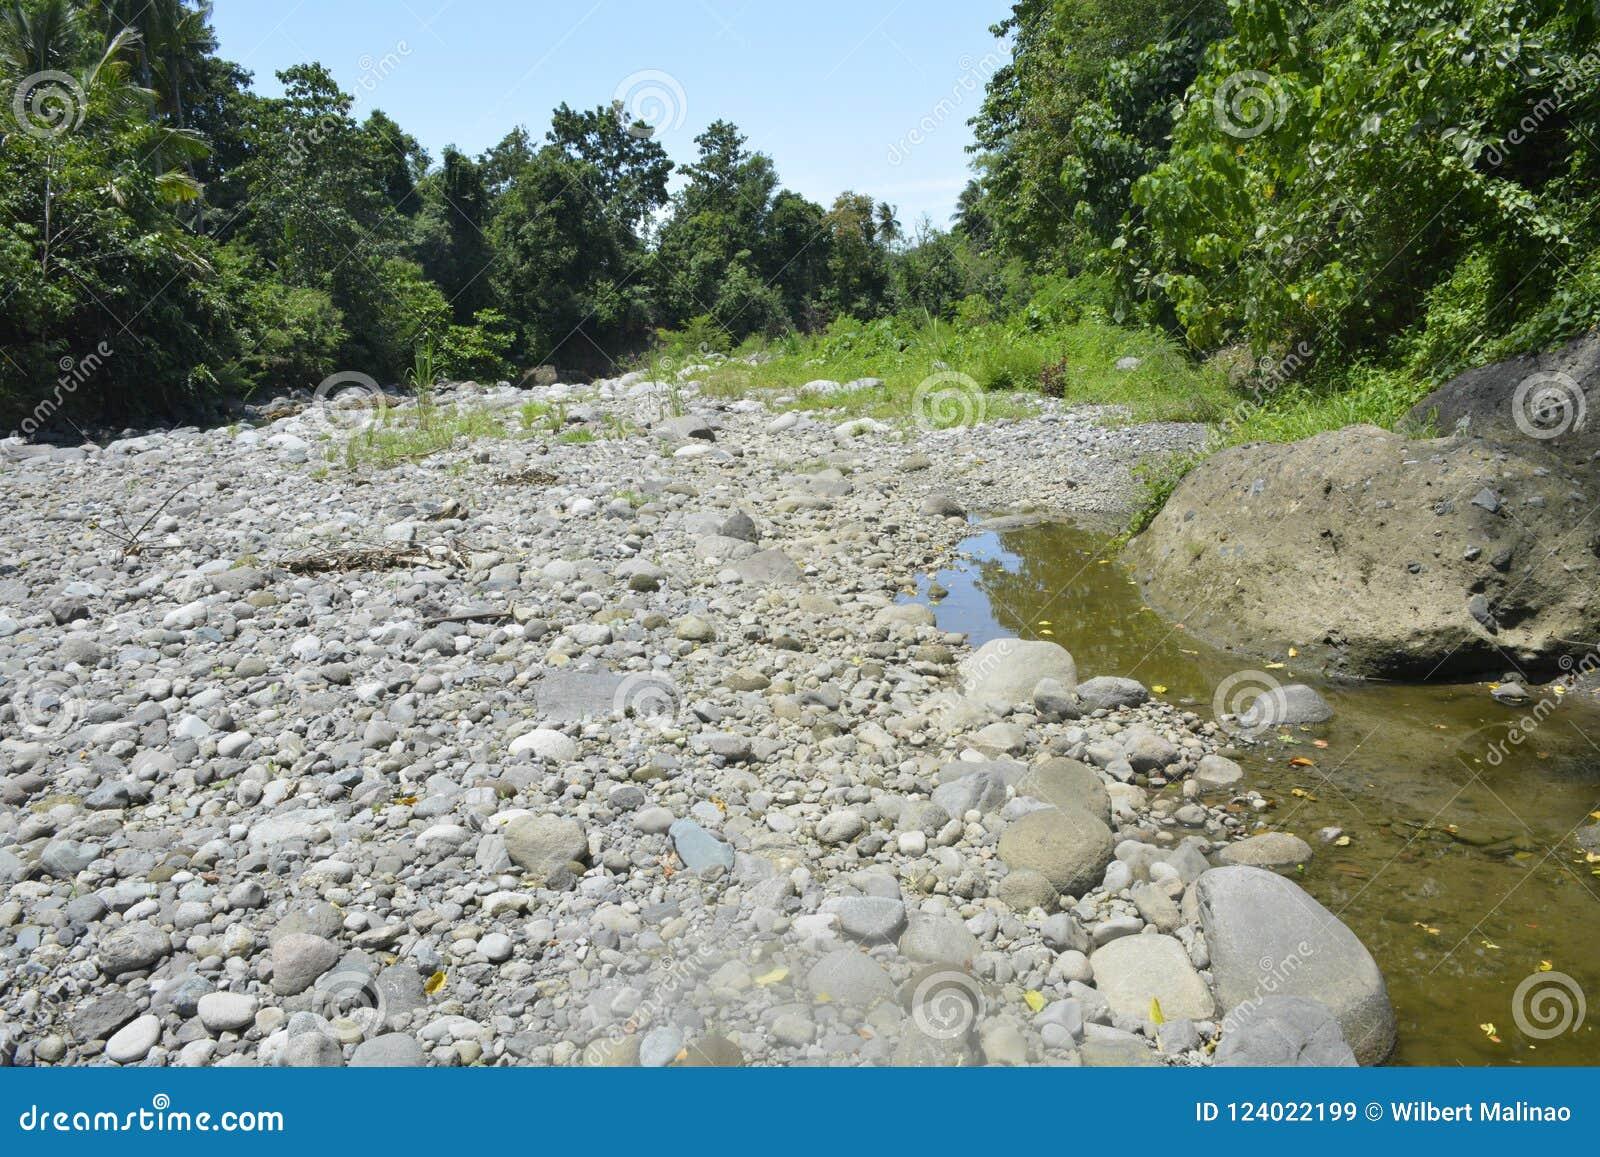 Porción enarenada de río en Ruparan barangay, ciudad de Digos, Davao del Sur, Filipinas de Ruparan